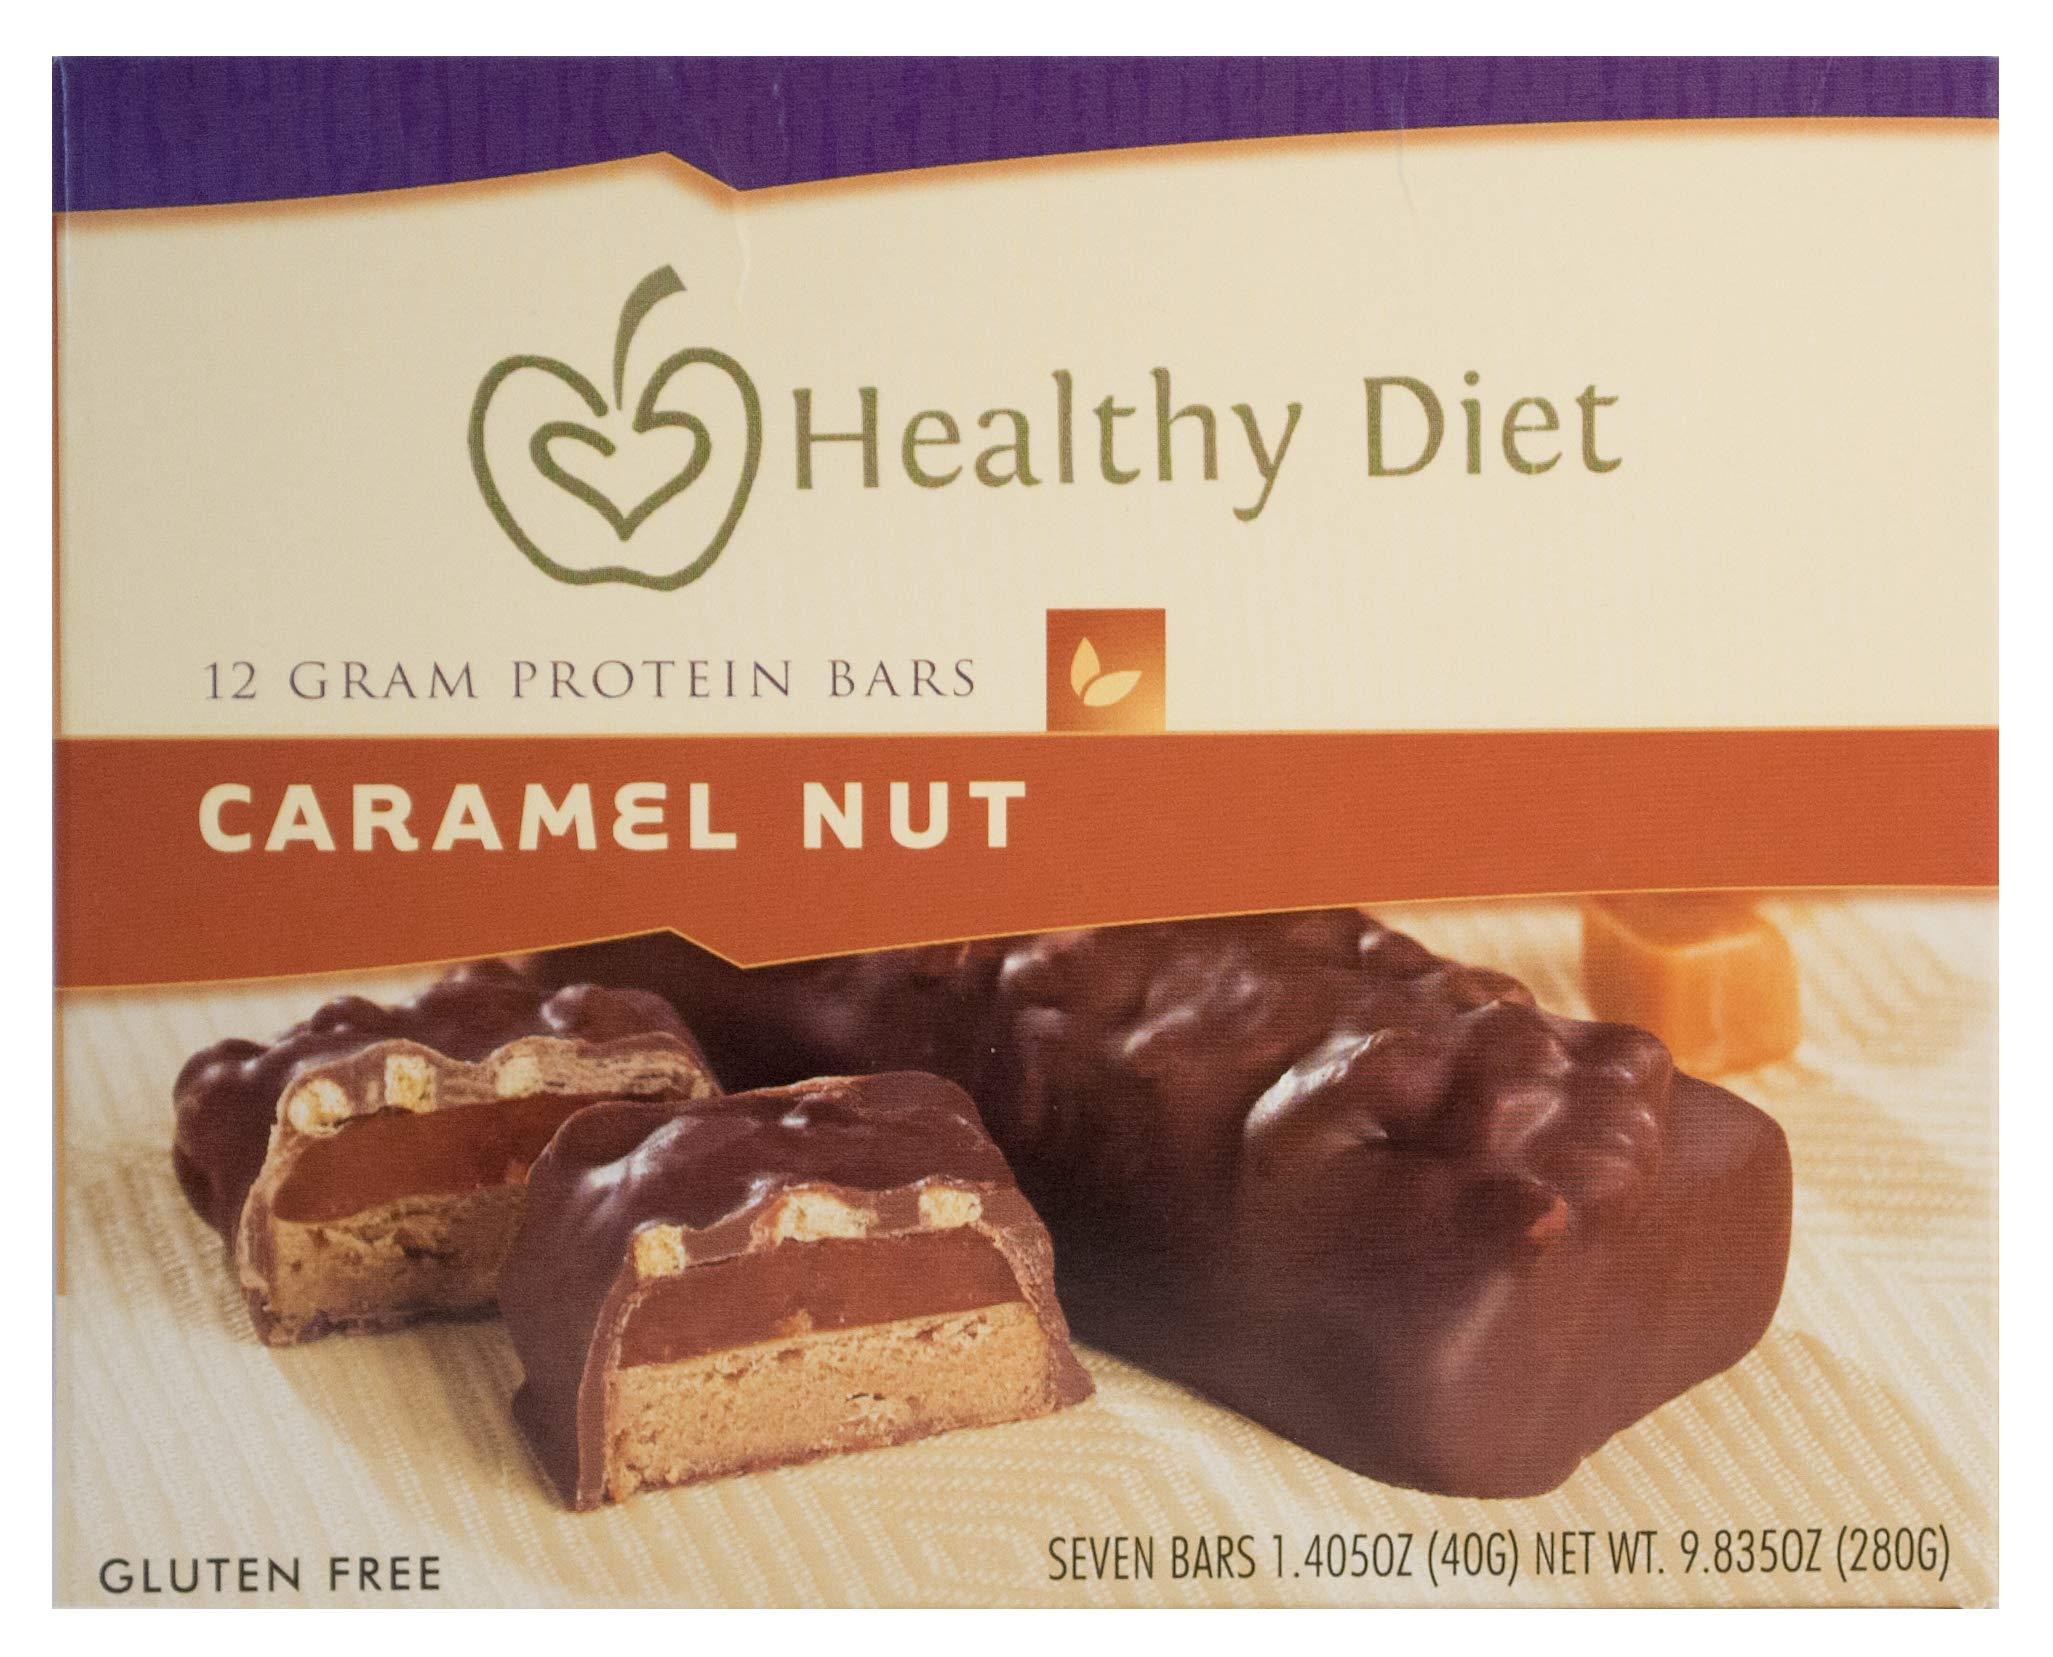 7 Gluten Free Caramel Nut Protein Bar, 1.405oz net wet.280g by HealthWise